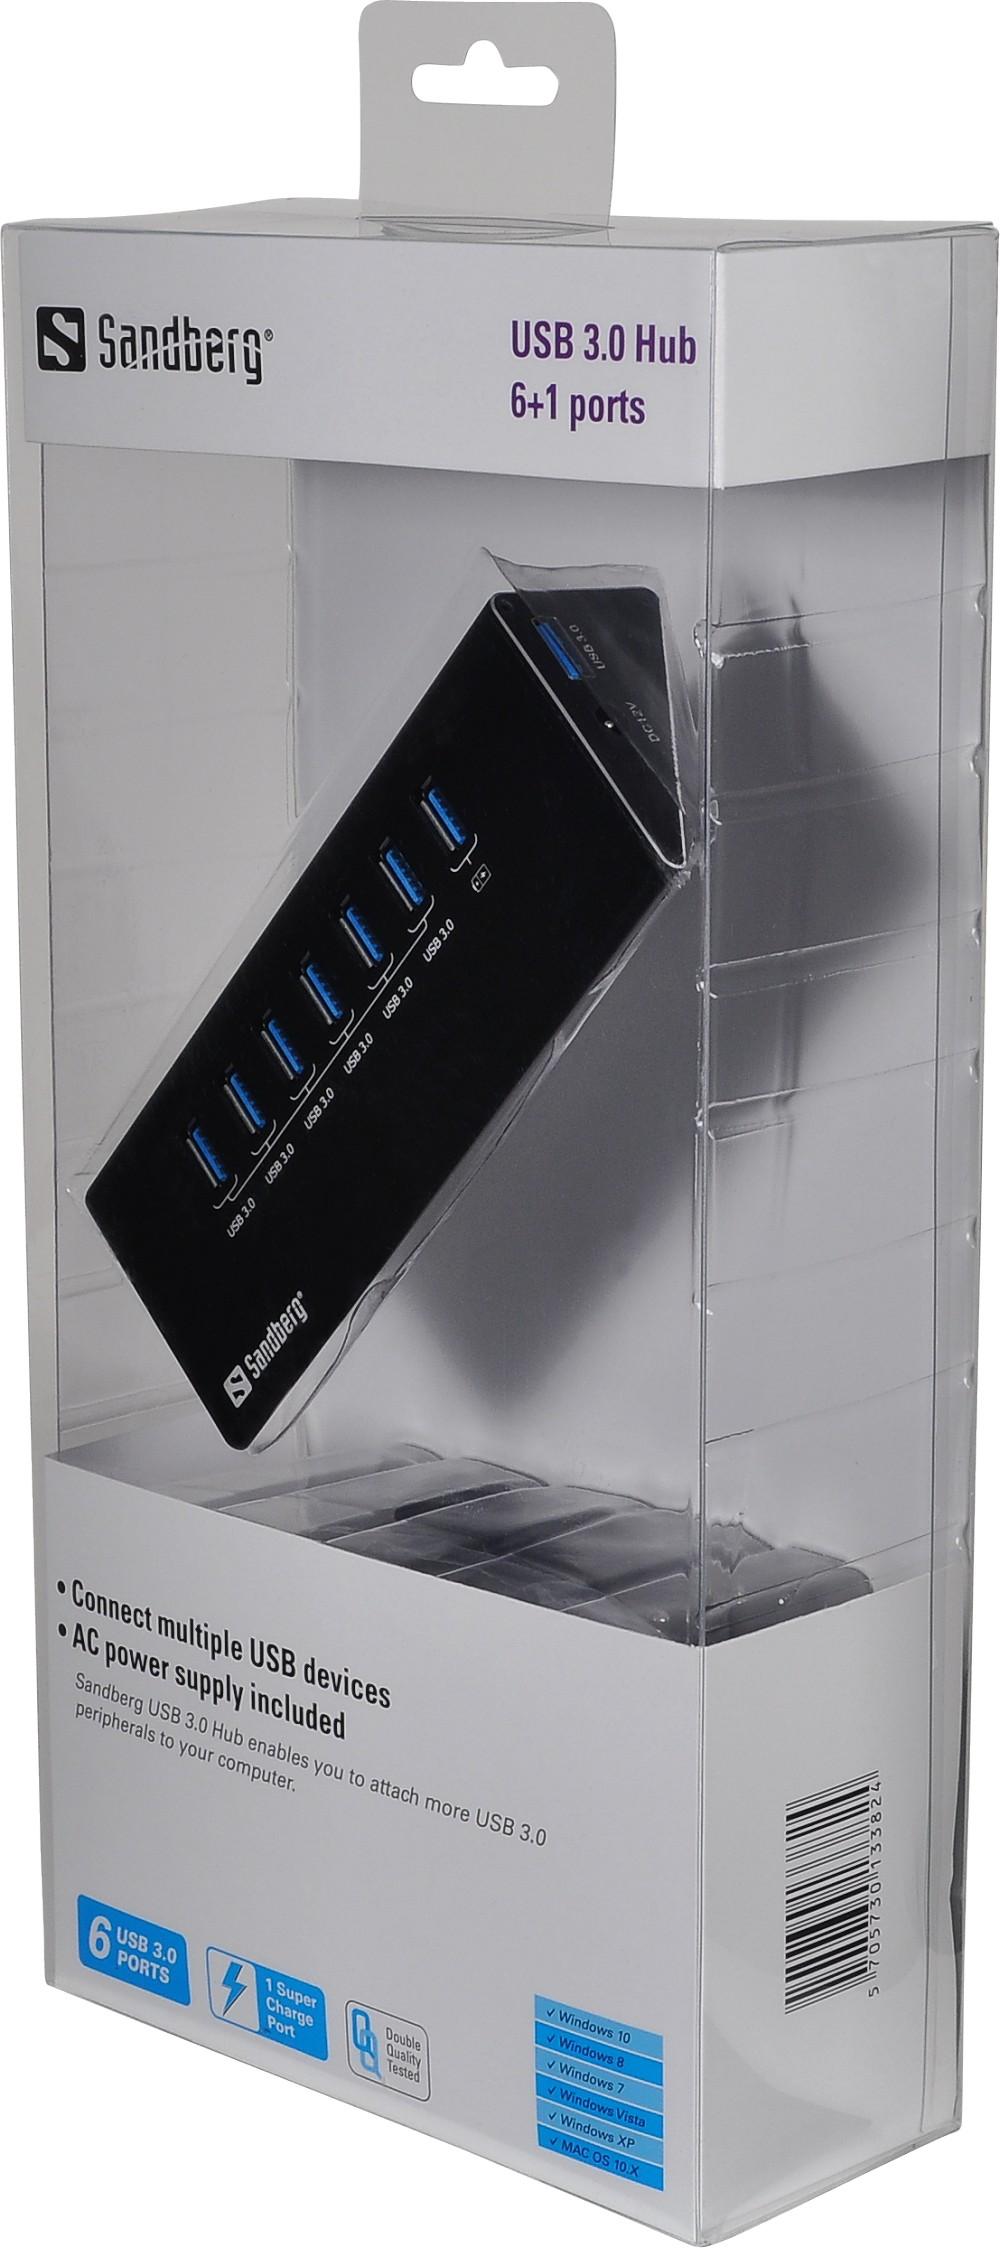 7 ports USB 3 hub Packshot